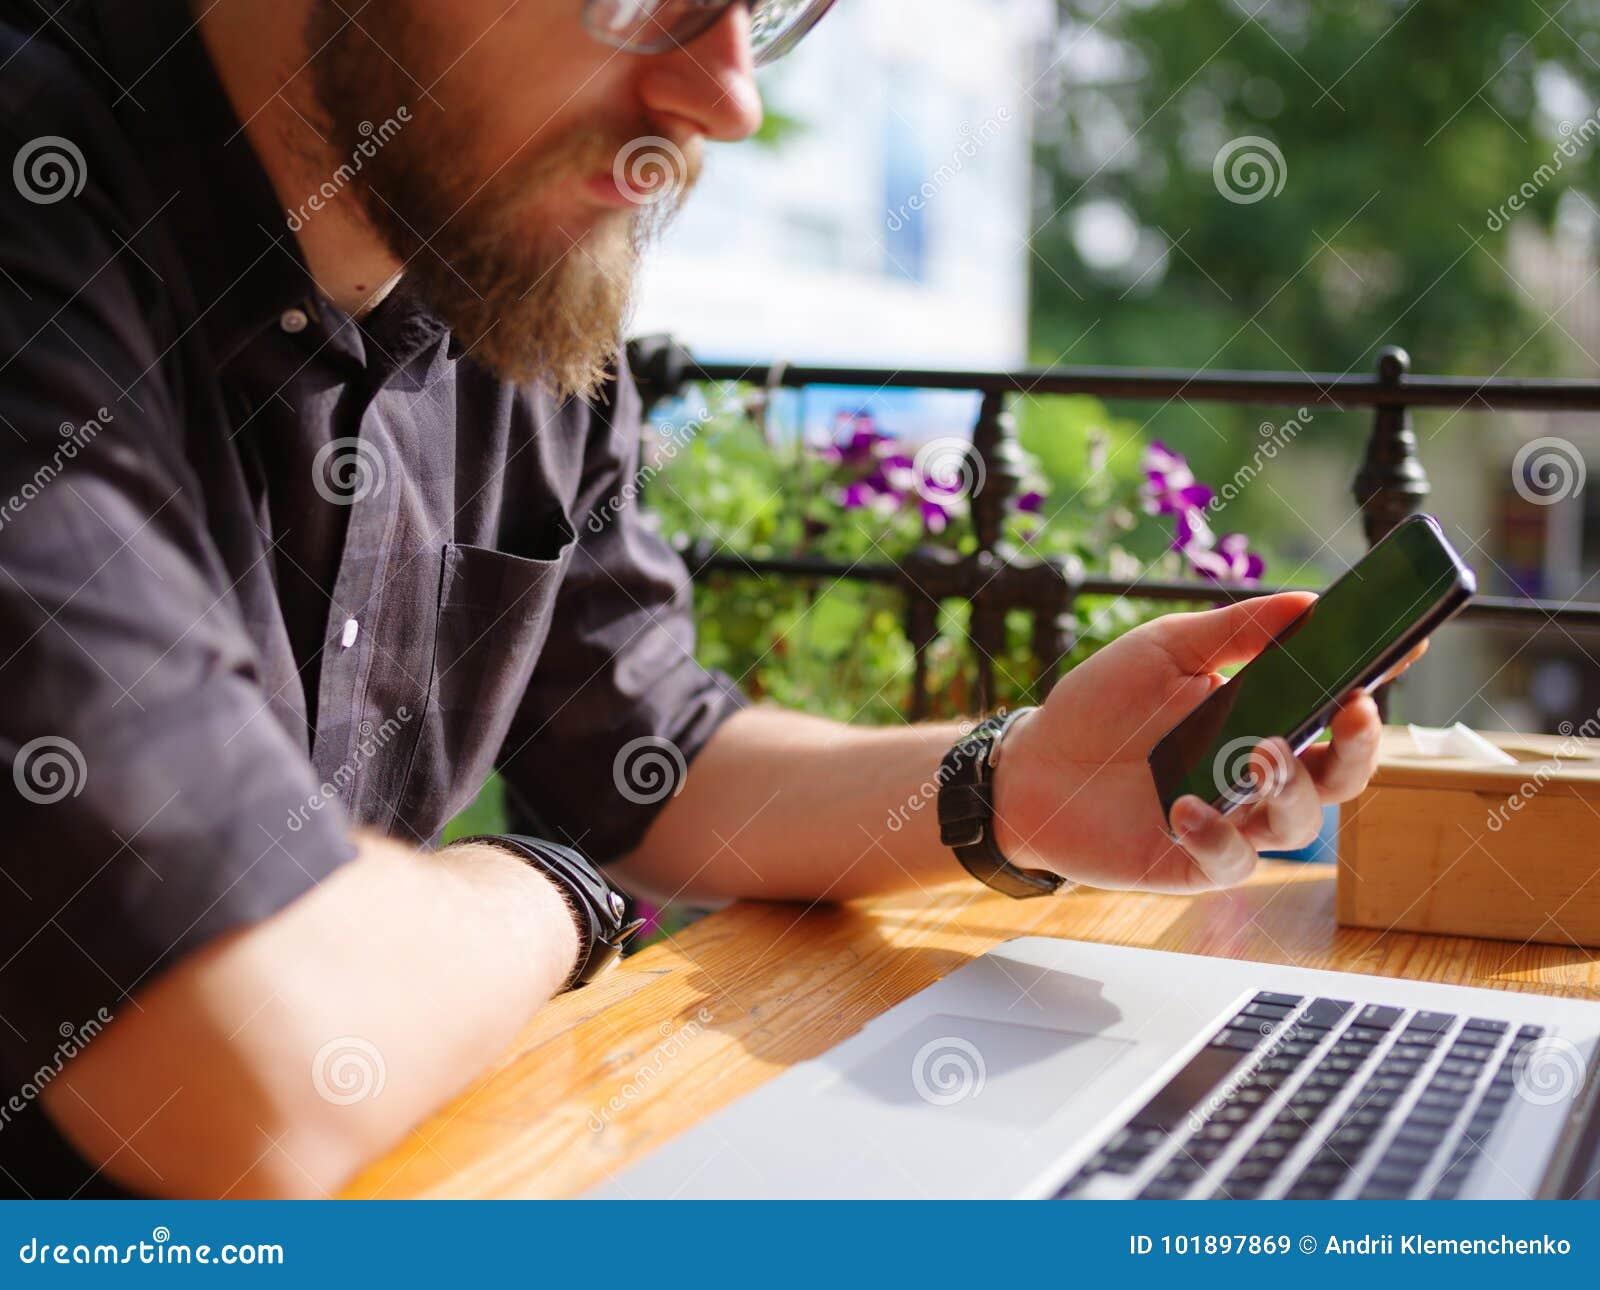 Ωραίος νεαρός άνδρας που εργάζεται στο lap-top καθμένος υπαίθρια χρυσή ιδιοκτησία βασικών πλήκτρων επιχειρησιακής έννοιας που φθά